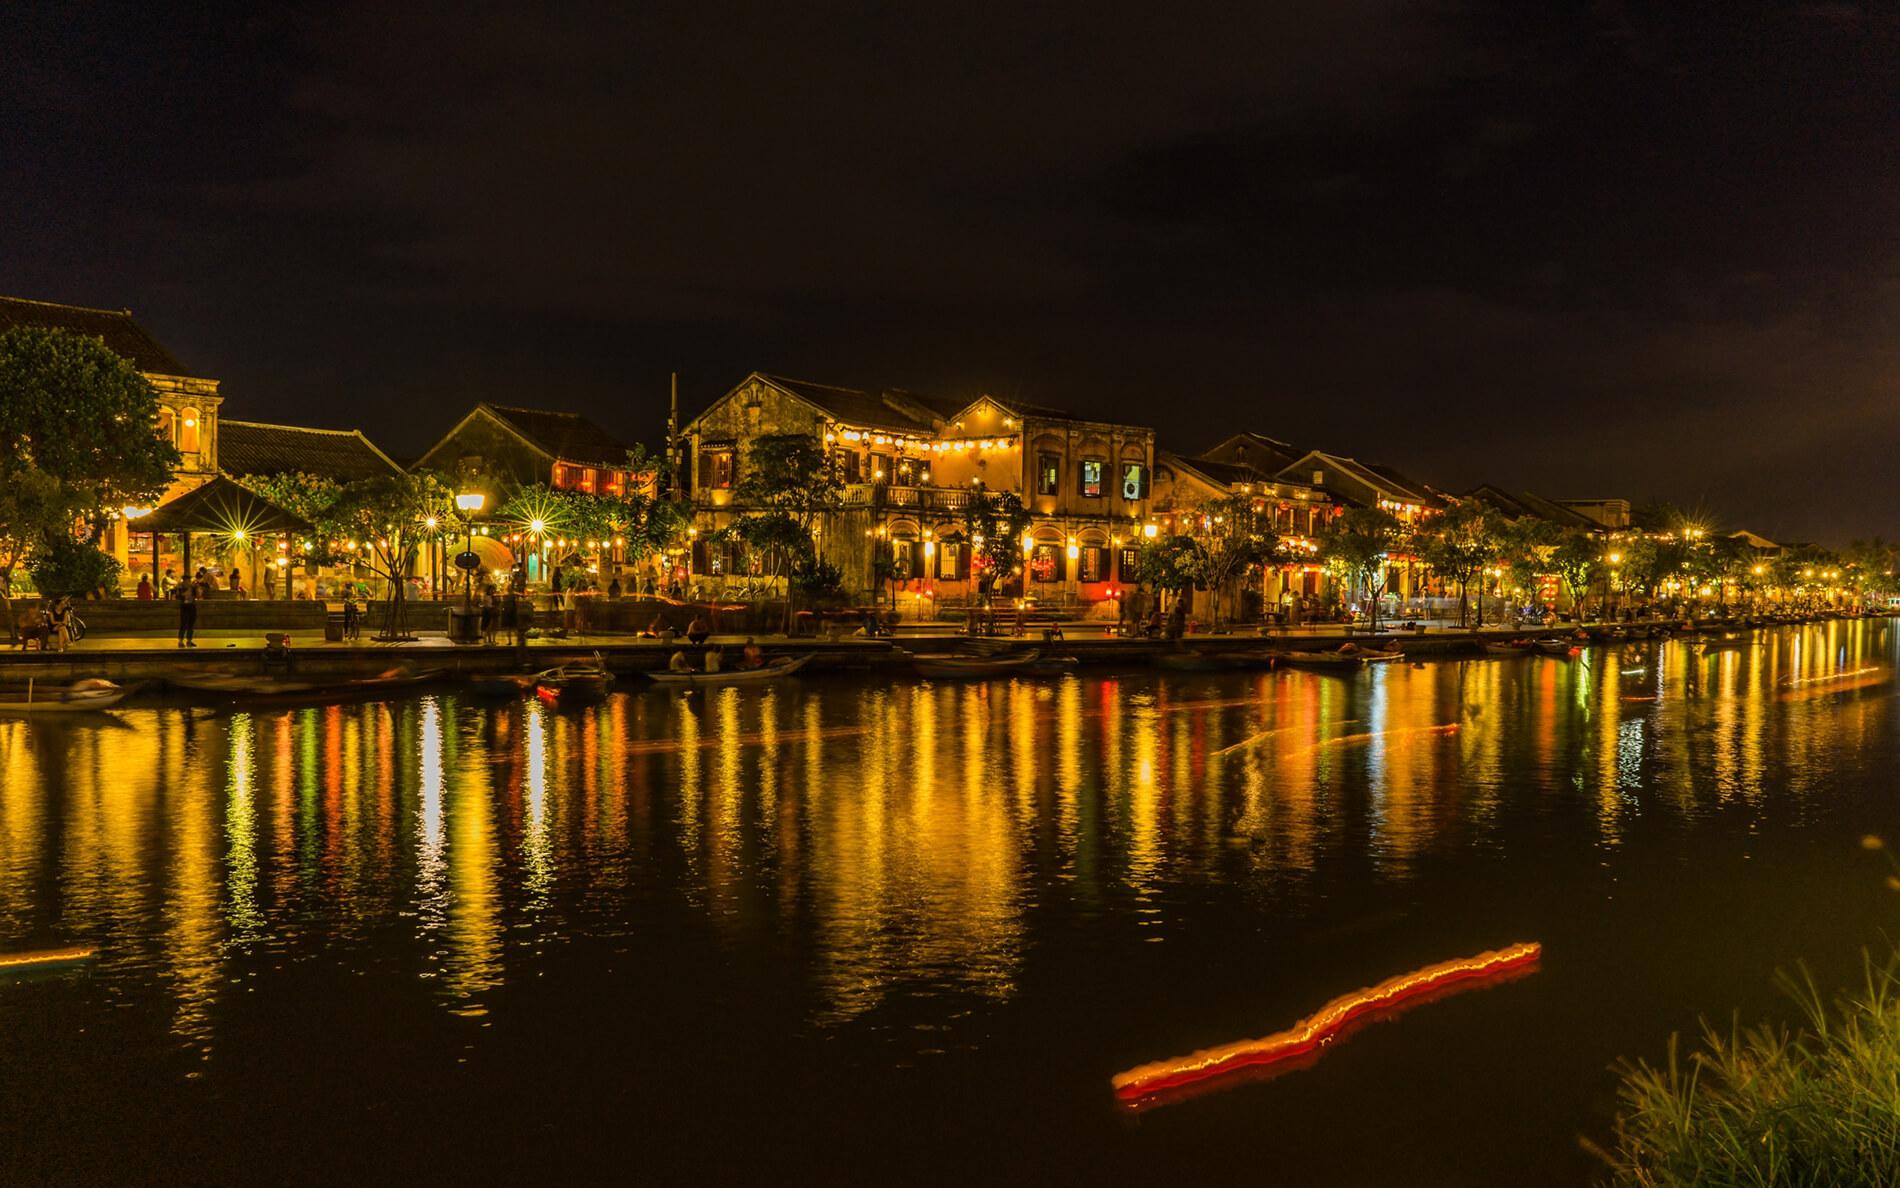 Hoi An Riverfront at night